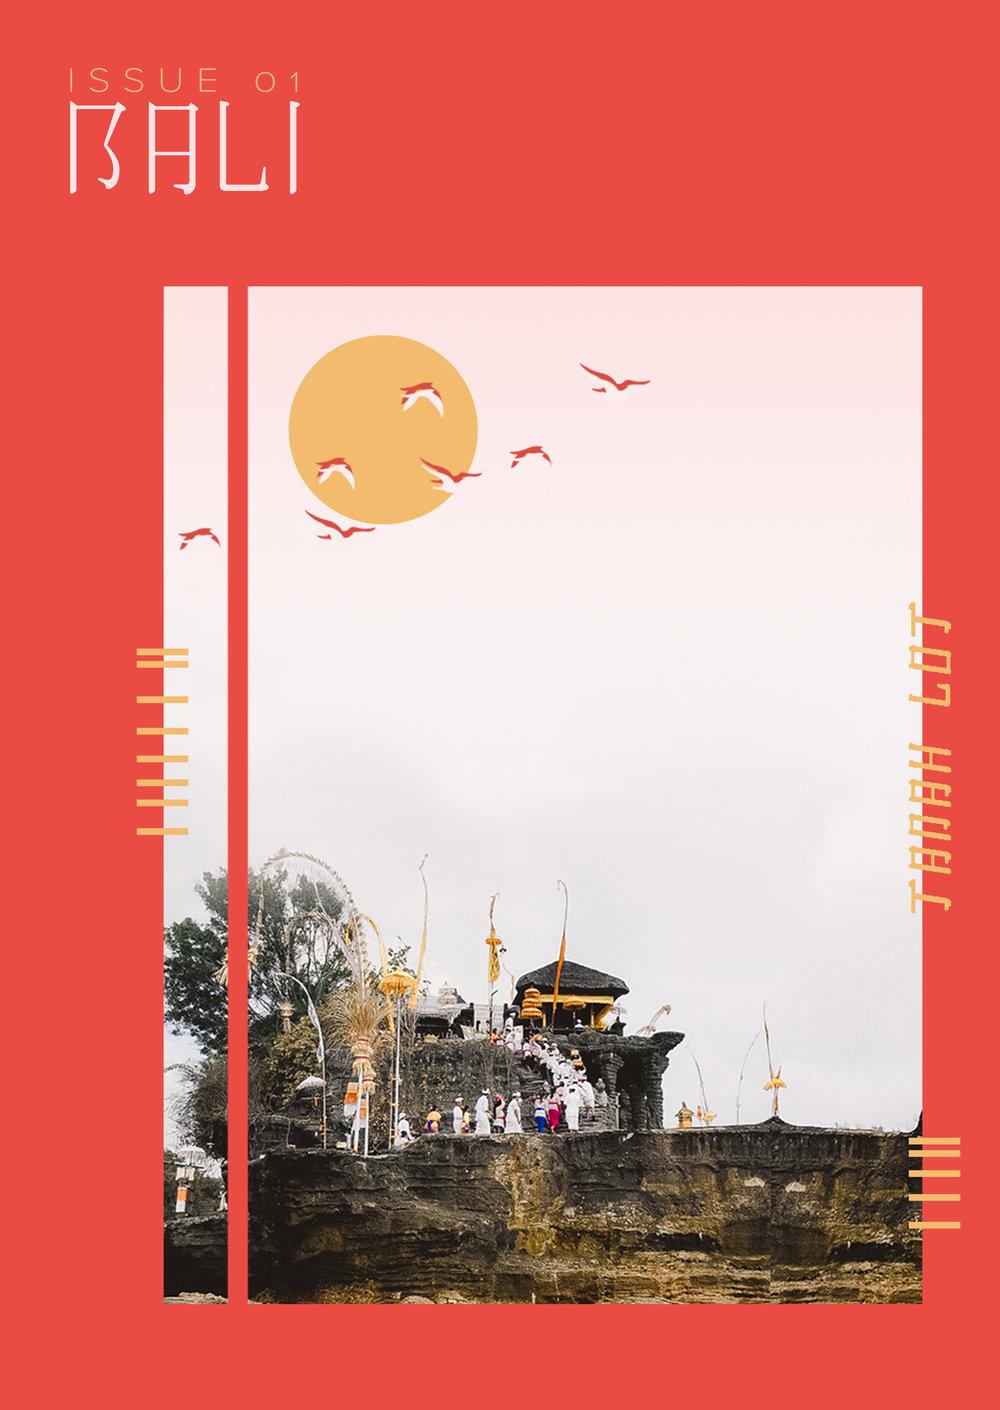 Bali Postcard (Adobe Photoshop 2018)